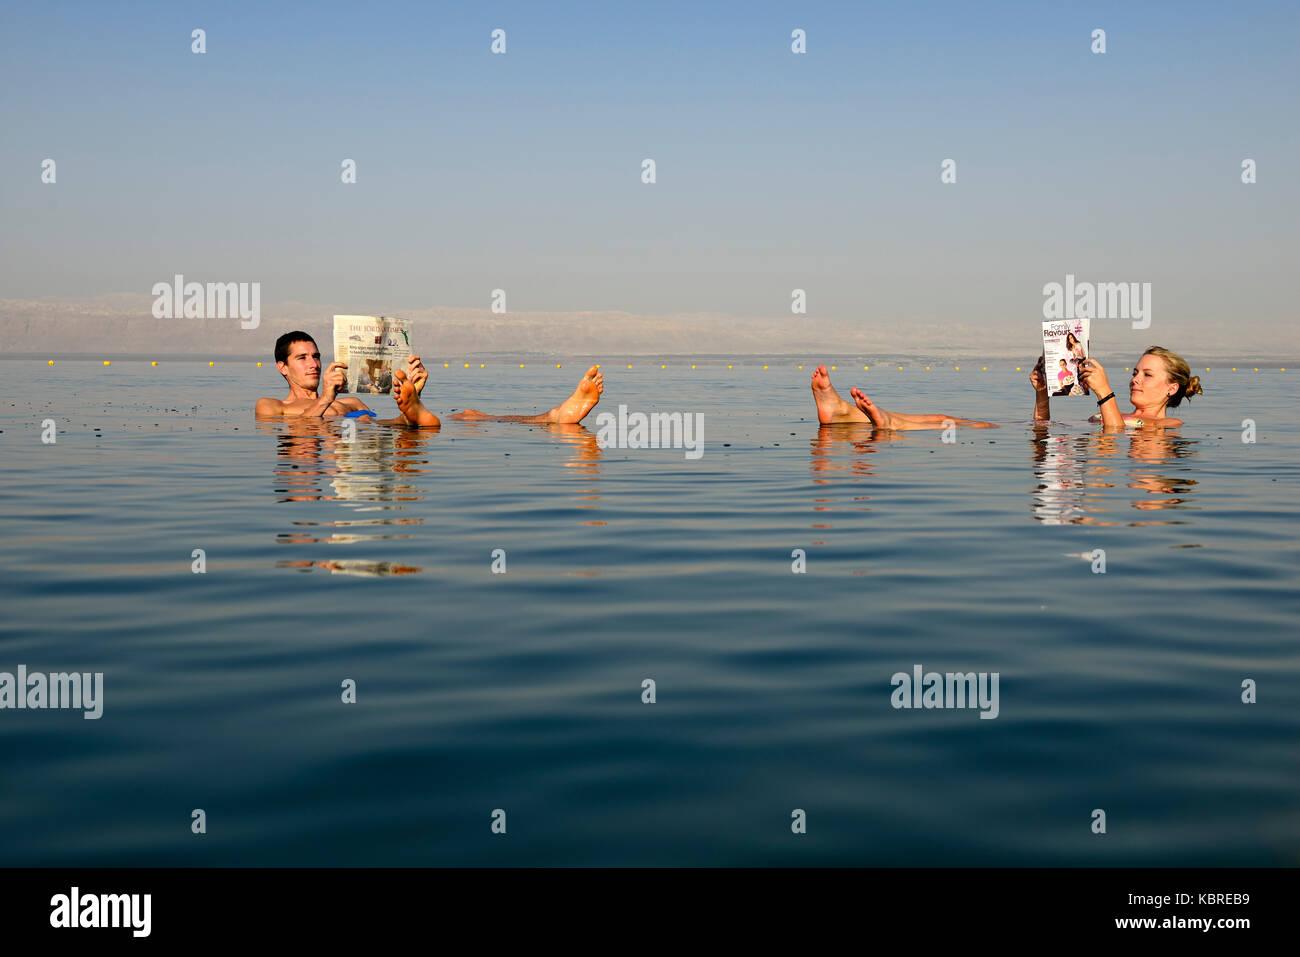 Jeune couple journal lit flottant dans la mer Morte en Jordanie Photo Stock